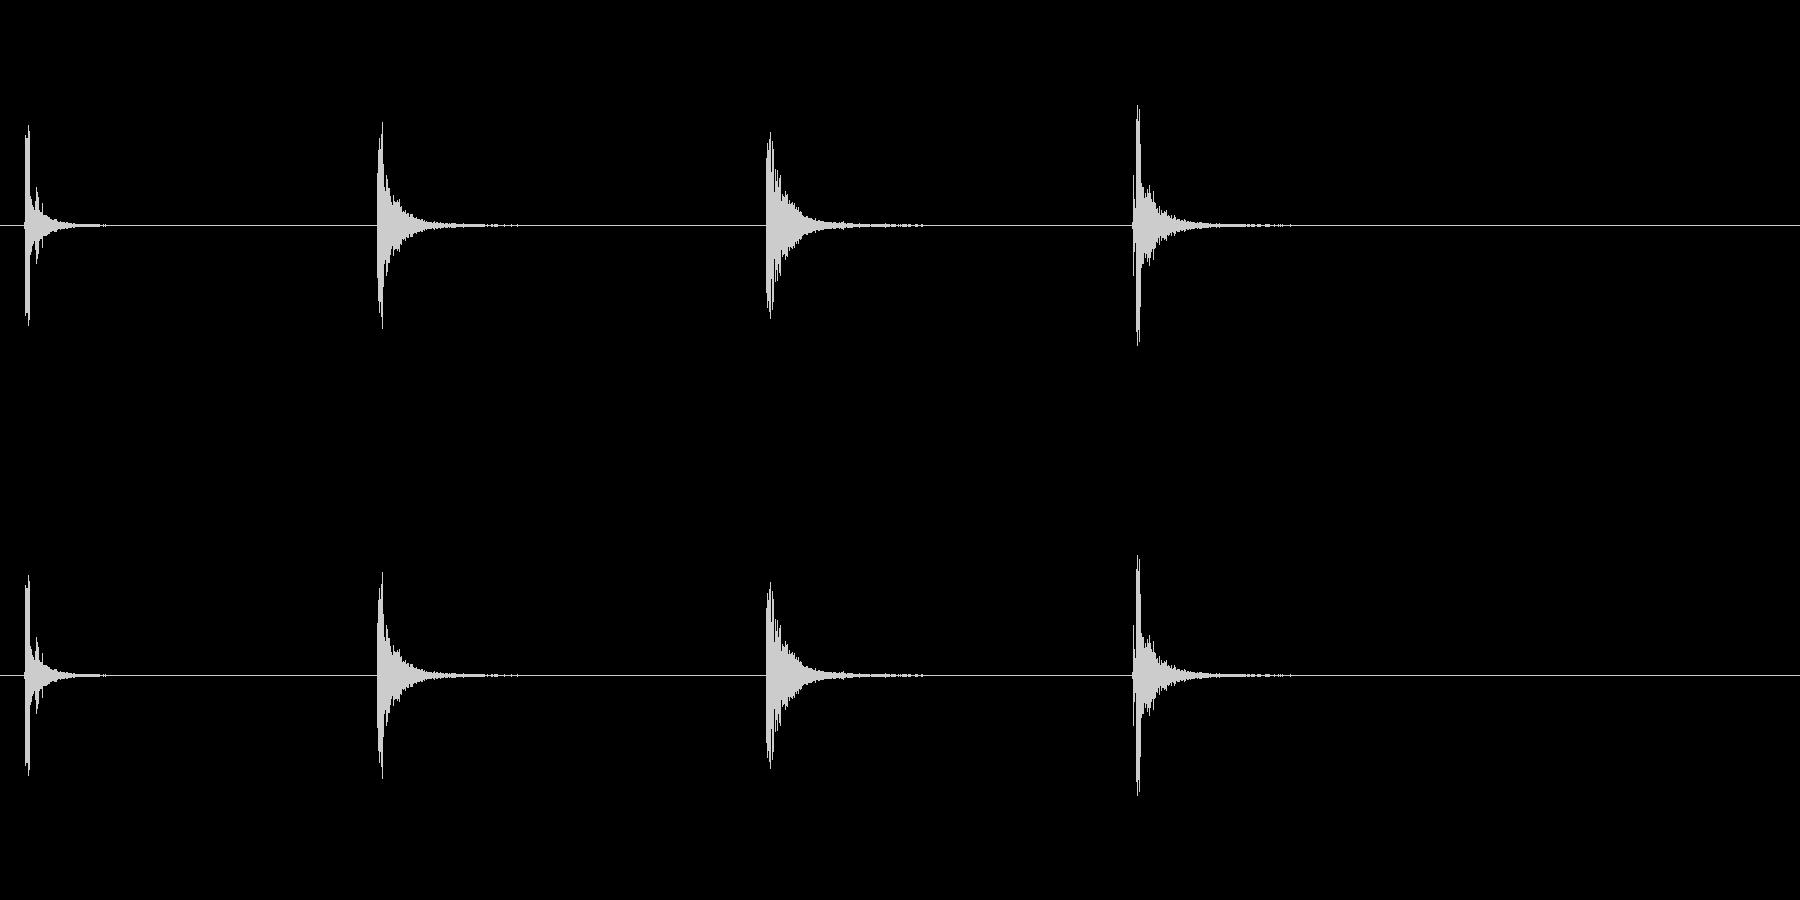 花火-ロケット3の未再生の波形